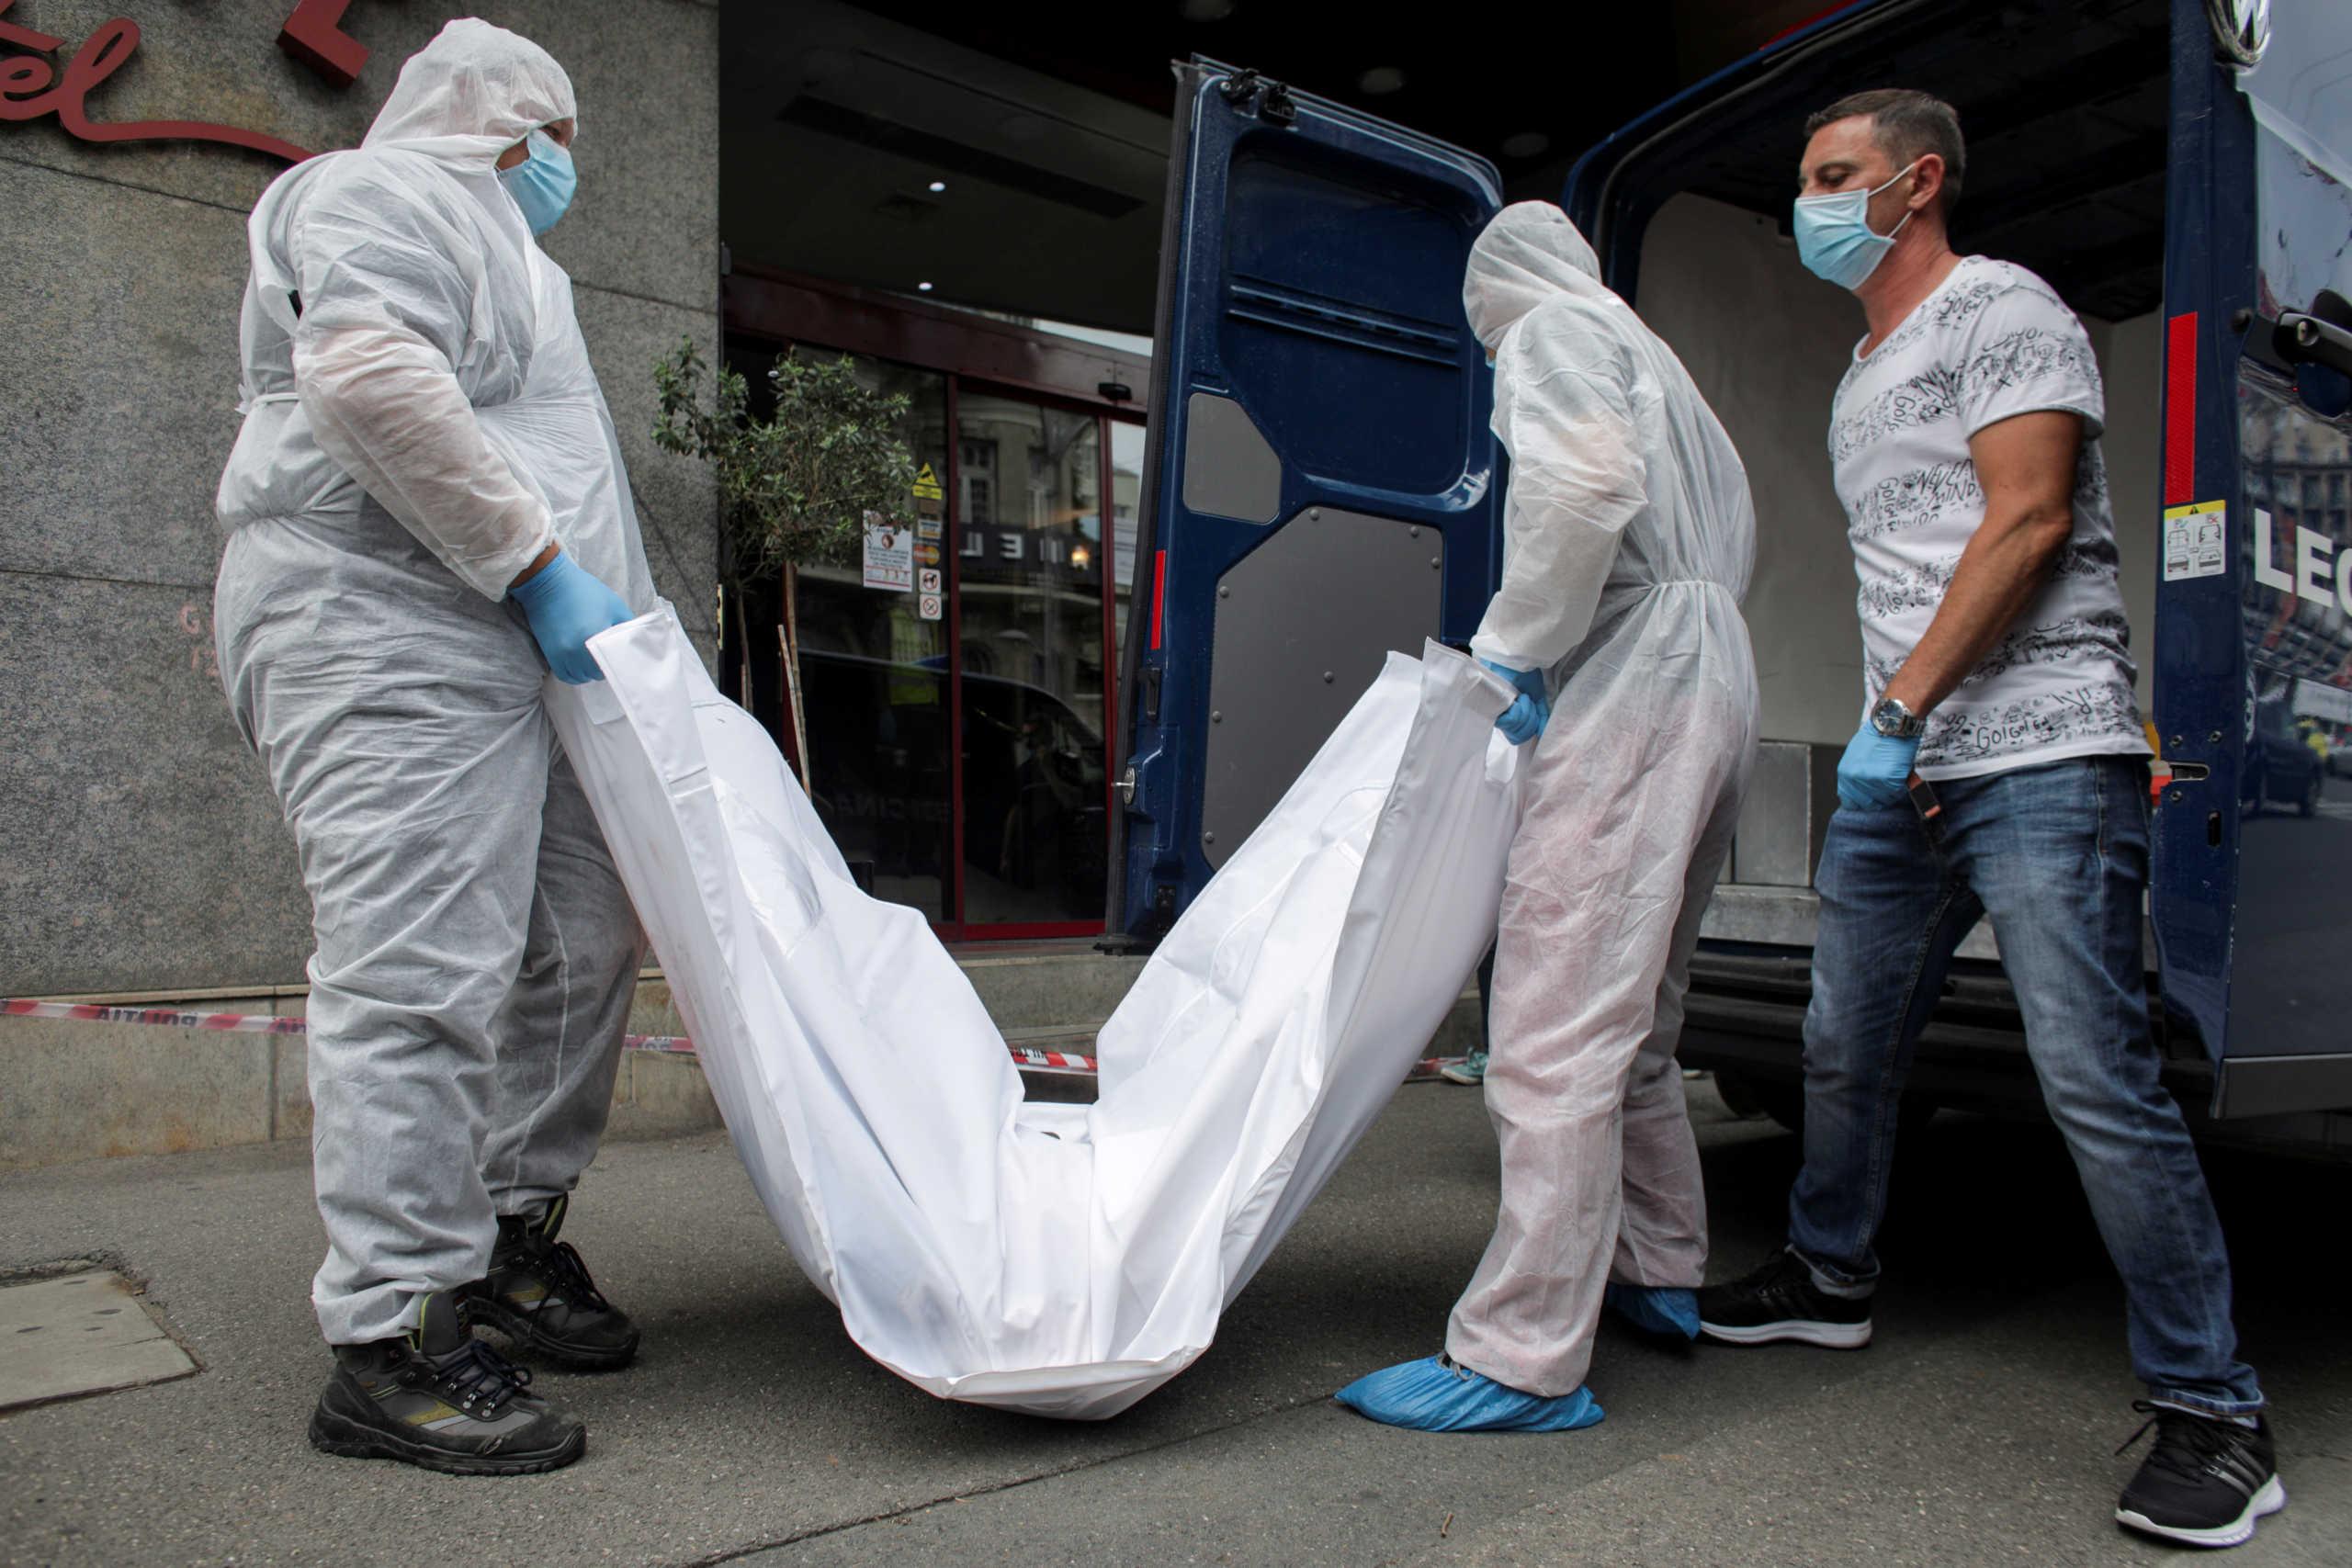 «Βυθίζεται» στον κορονοϊό το Ιράν – Θλιβερό  ρεκόρ με 440 νεκρούς σε μια μέρα